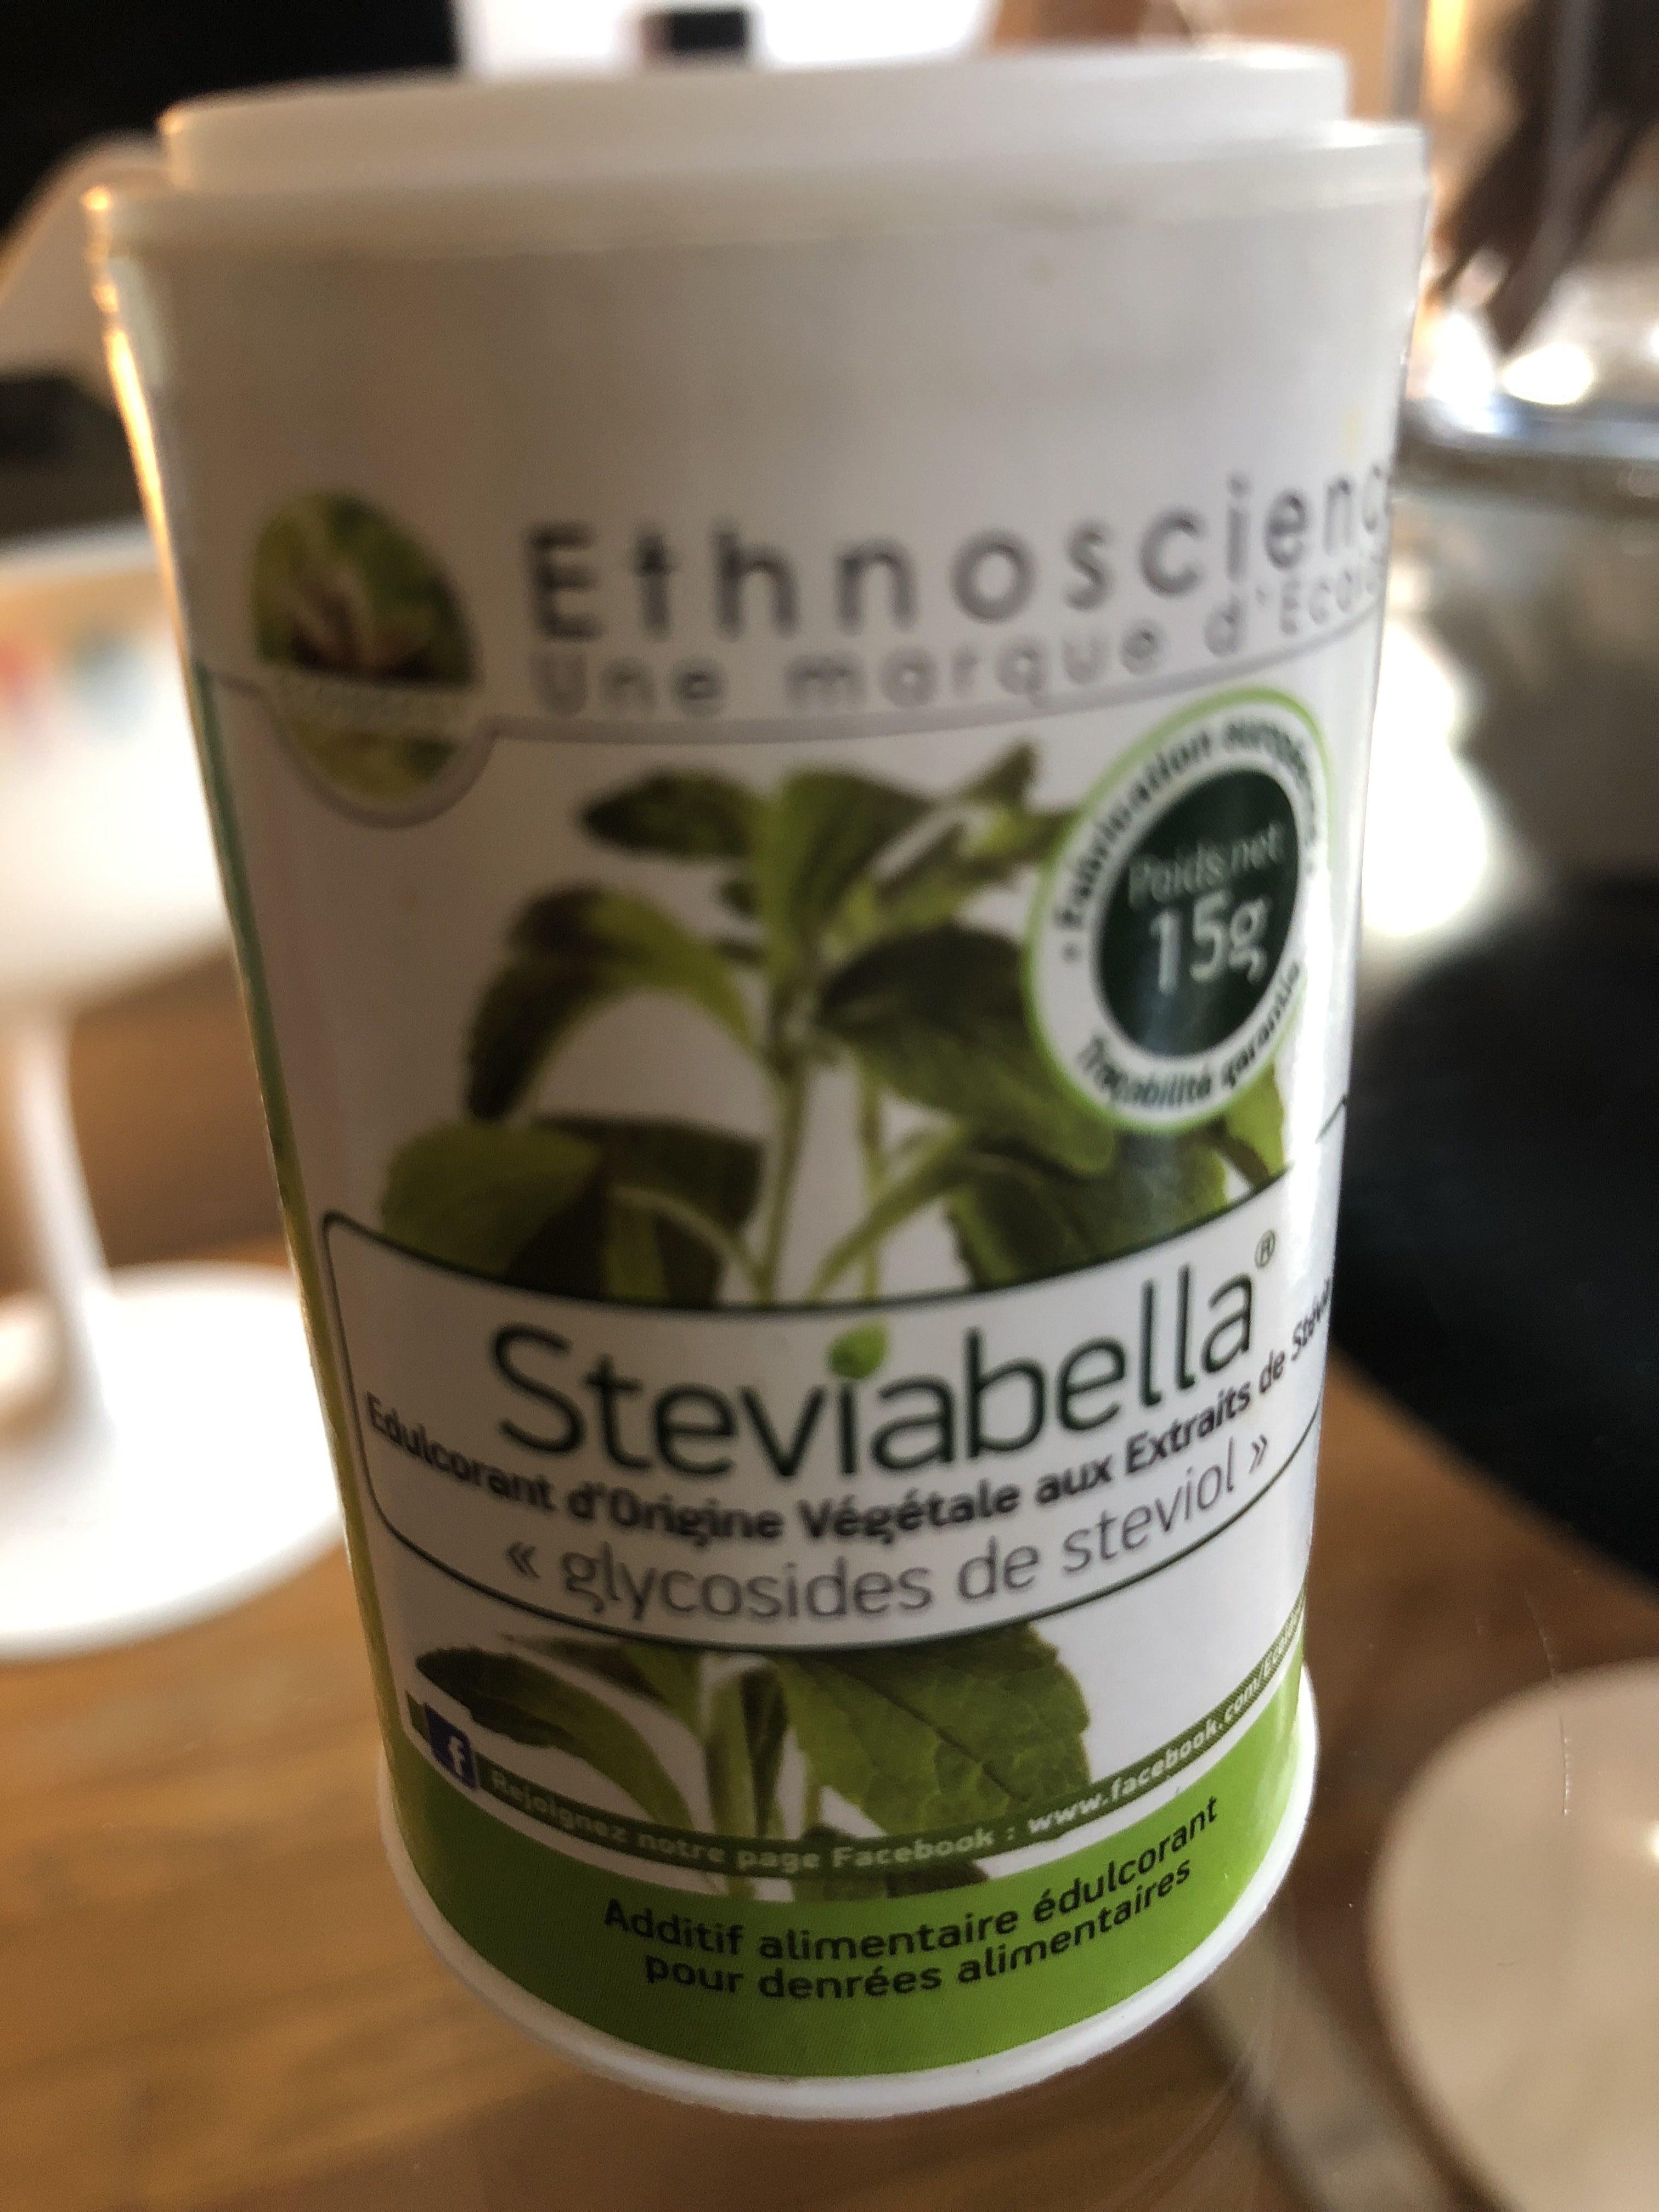 Stévia Blanche - 15 G - Ethnoscience - Produit